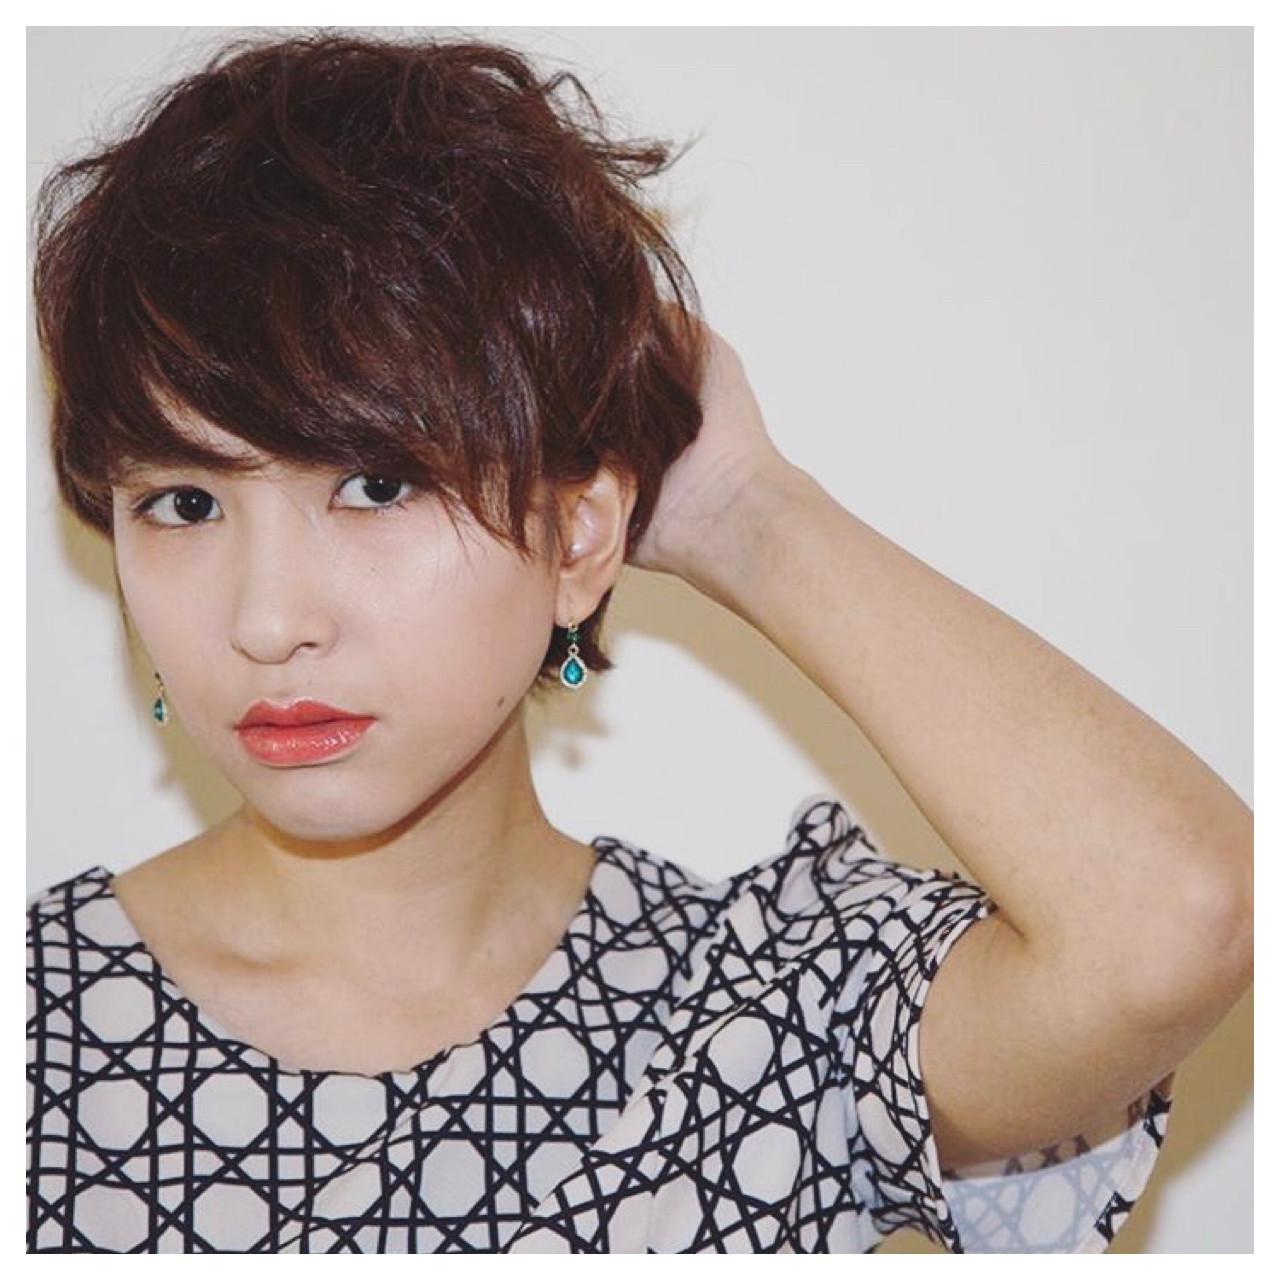 強い雰囲気を兼ね備えた大人女子っぽいショートヘア 飯田 セイナ